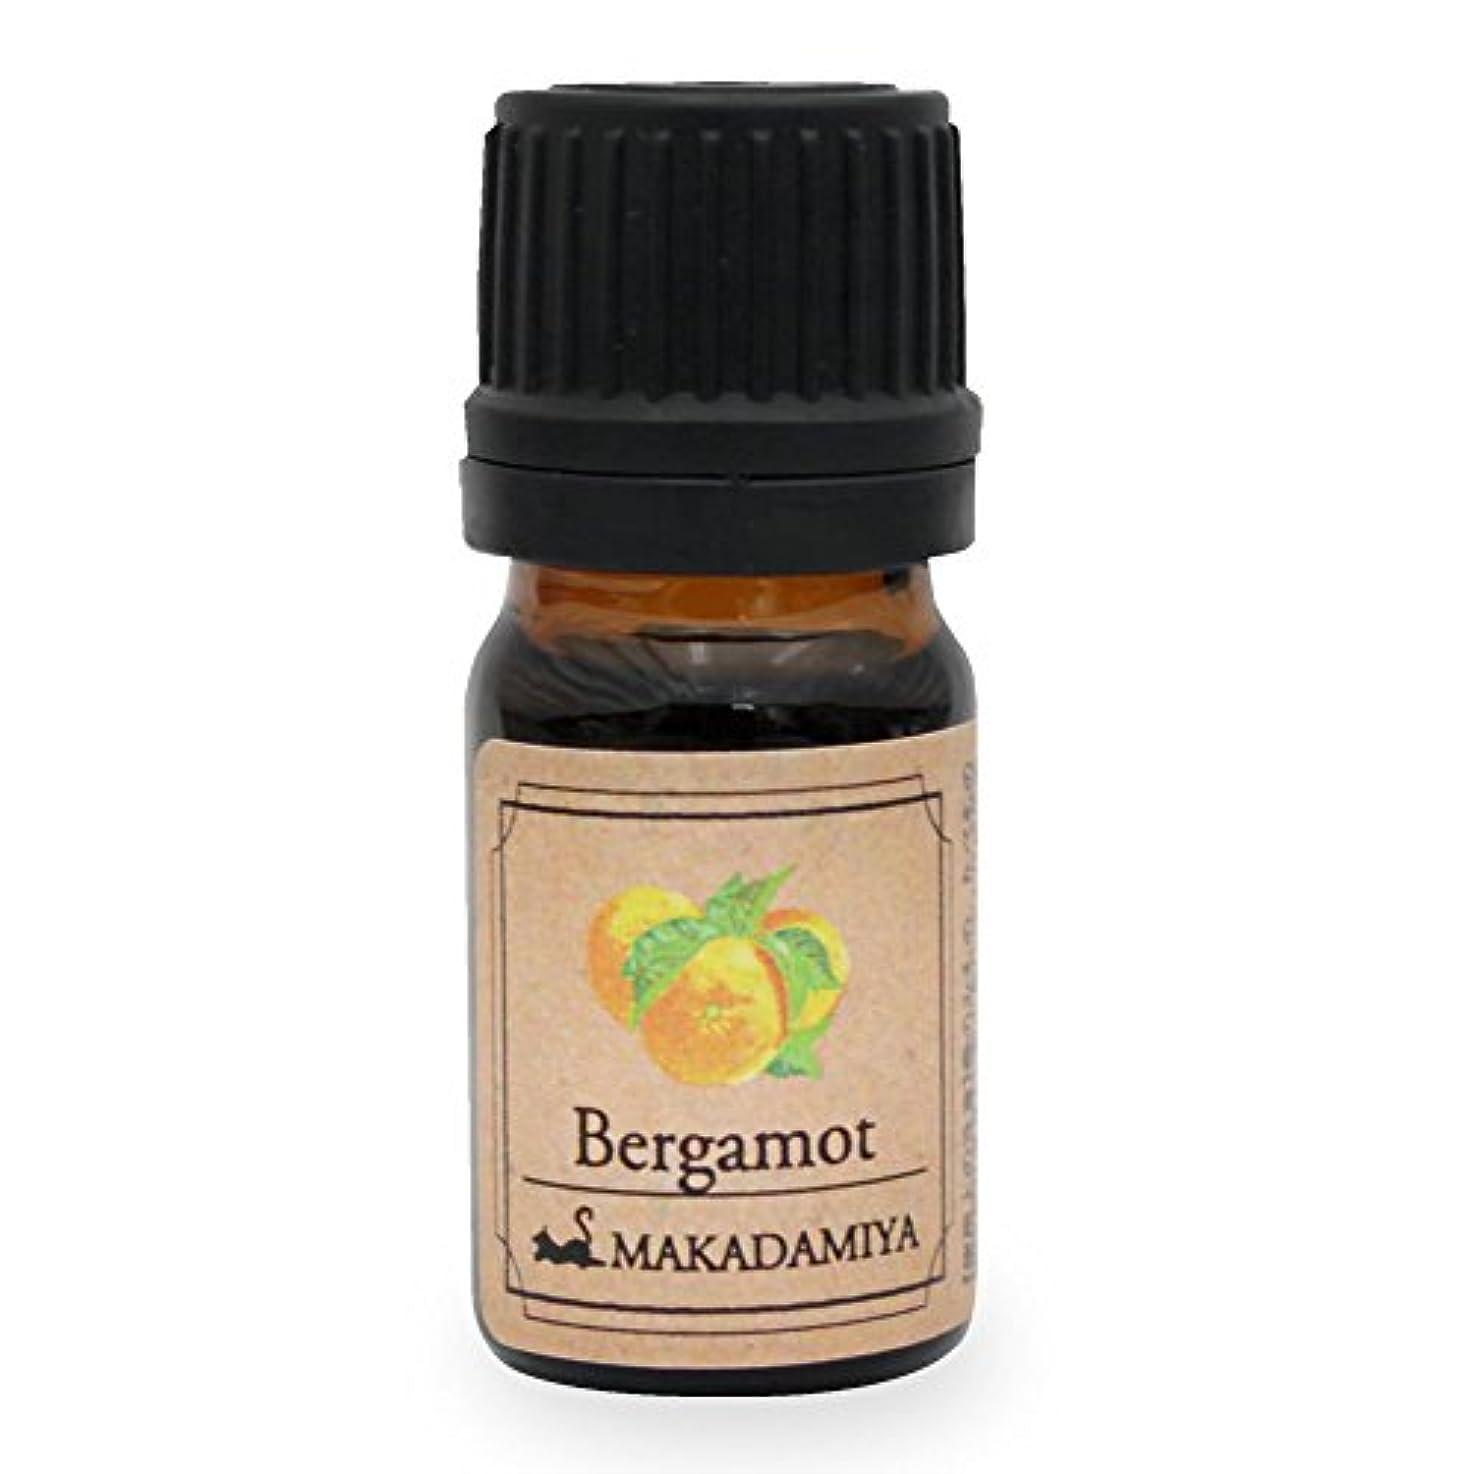 タヒチマニアック高架ベルガモット5ml 天然100%植物性 エッセンシャルオイル(精油) アロマオイル アロママッサージ aroma Bergamot